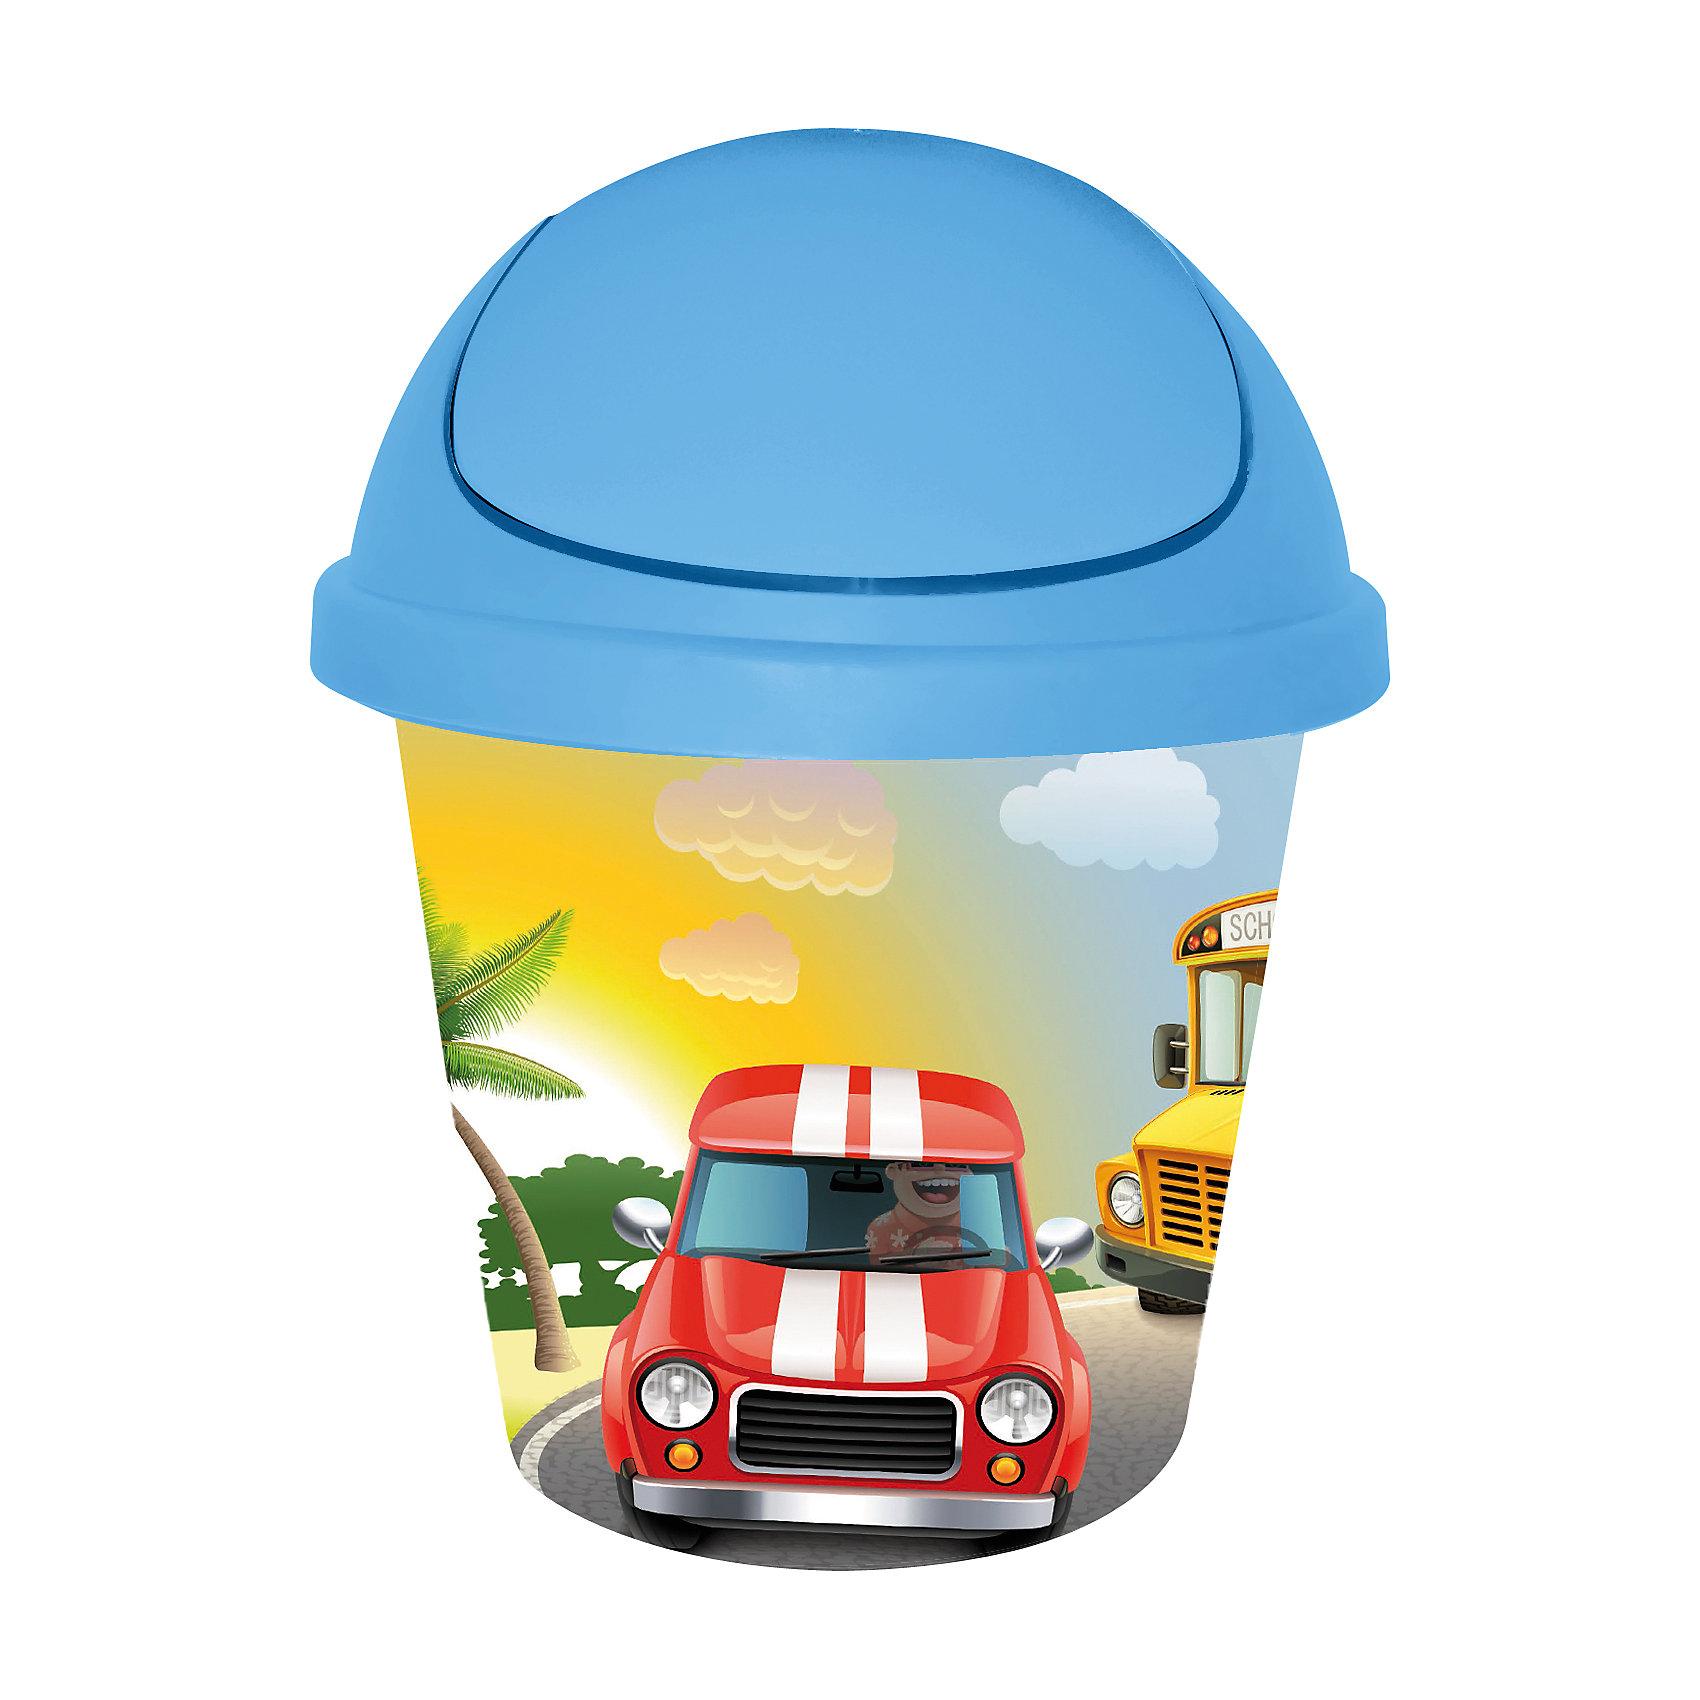 Мусорная корзина круглая 7 л. City Cars, Little Angel, голубойМусорная корзина круглая 7 л. City Cars, Little Angel, голубой изготовлена отечественным производителем . Выполненная из высококачественного пластика, устойчивого к внешним повреждениям и изменению цвета, корзина позволит не только поддерживать чистоту, но и украсит детскую комнату своим ярким дизайном. По бокам корзины с помощью инновационной технологии нанесены картинки, изображающие машины городского транспорта.<br>Мусорная корзина оснащена вращающейся откидной крышкой, которая снимается, что позволит аккуратно убирать мусор, вставлять мусорный мешок, а также мыть. <br><br>Дополнительная информация:<br><br>- Предназначение: для дома<br>- Цвет: голубой<br>- Пол: для мальчика<br>- Материал: пластик<br>- Размер (Д*Ш*В): 26,7*26,7*33 см<br>- Объем: 7 л<br>- Вес: 370 г<br>- Особенности ухода: разрешается мыть теплой водой<br><br>Подробнее:<br><br>• Для детей в возрасте: от 2 лет и до 7 лет<br>• Страна производитель: Россия<br>• Торговый бренд: Little Angel<br><br>Мусорную корзину круглую 7 л. City Cars, Little Angel, голубой можно купить в нашем интернет-магазине.<br><br>Ширина мм: 267<br>Глубина мм: 267<br>Высота мм: 330<br>Вес г: 370<br>Возраст от месяцев: 24<br>Возраст до месяцев: 84<br>Пол: Мужской<br>Возраст: Детский<br>SKU: 4881790